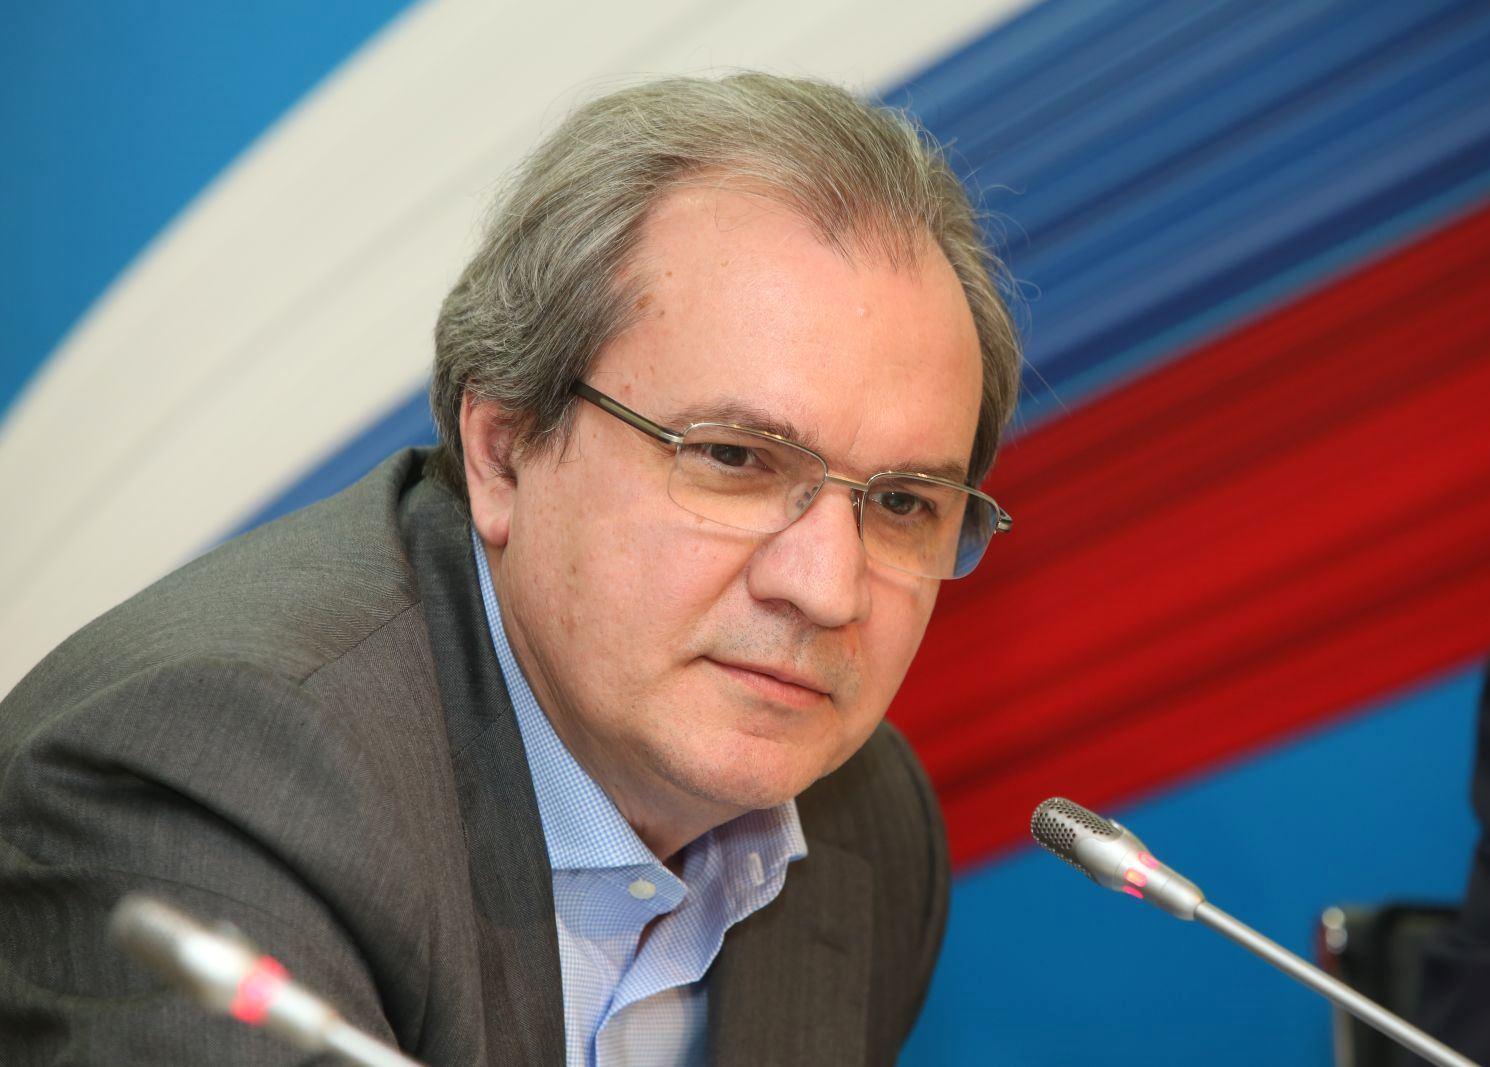 Председателем СПЧ стал секретарь Общественной палаты РФ Валерий Фадеев